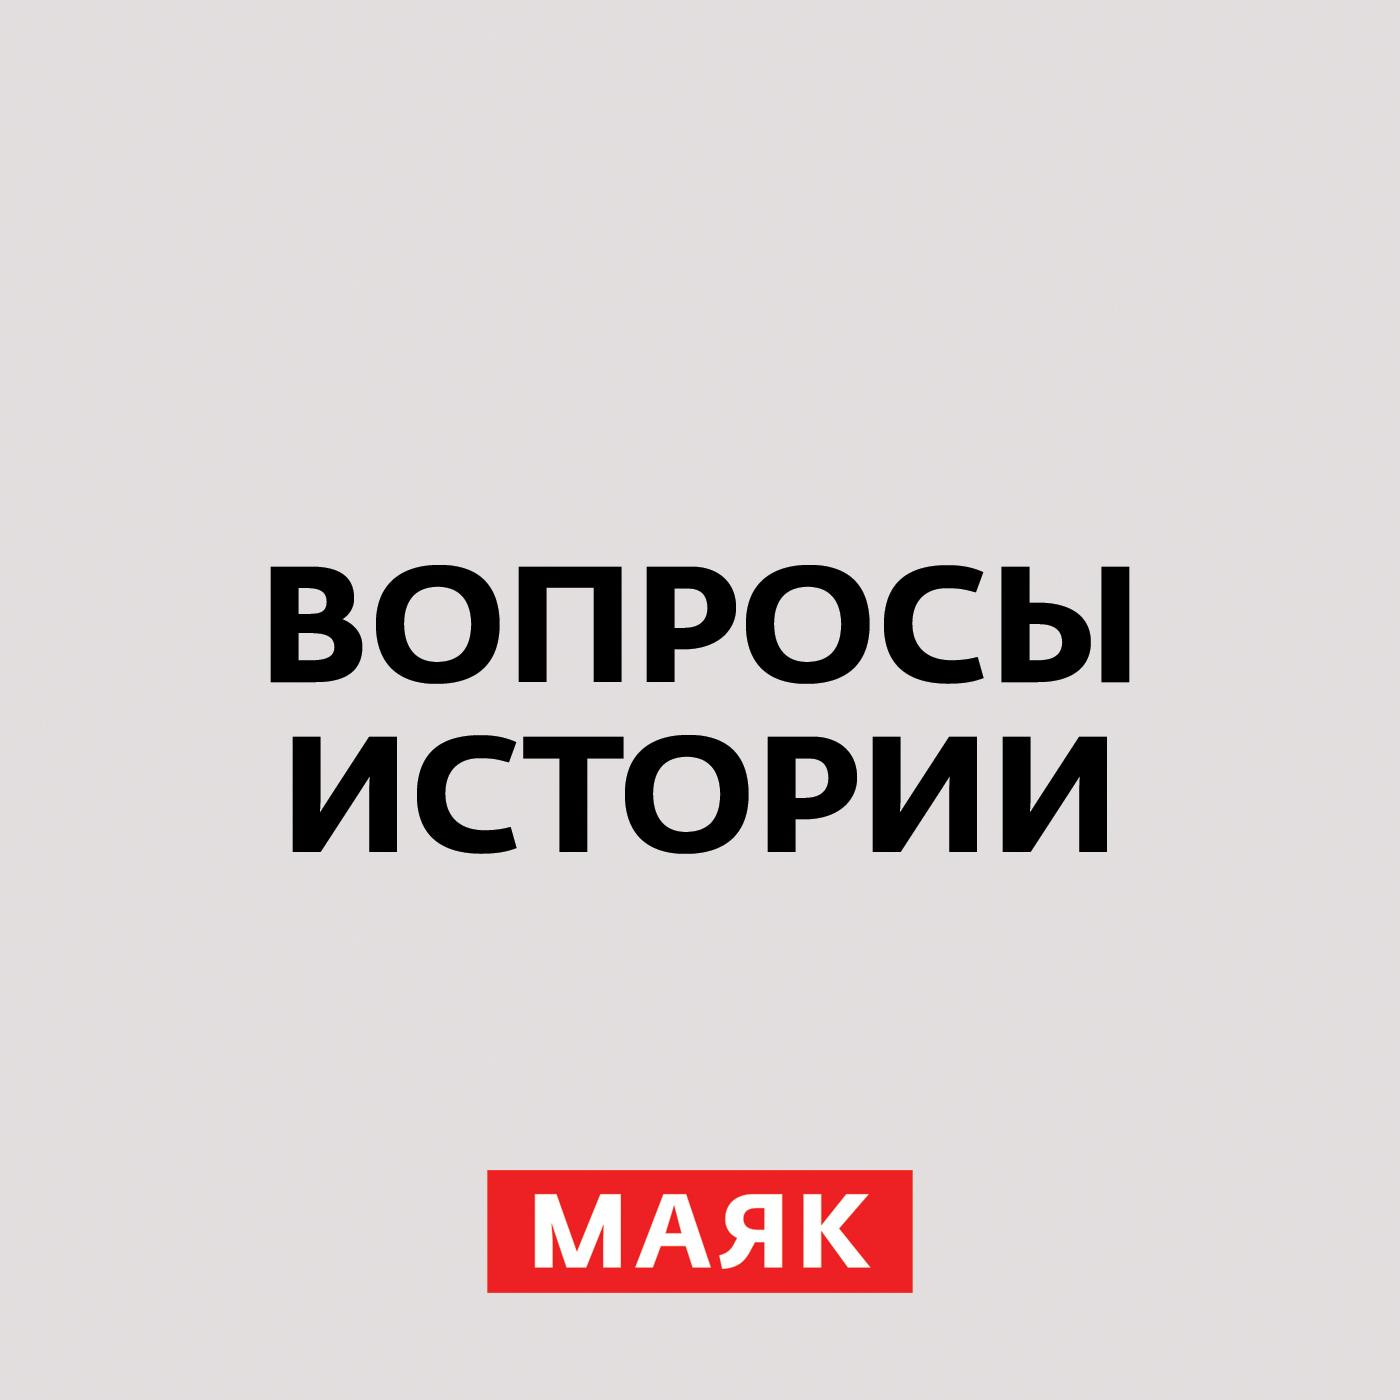 Андрей Светенко Ялтинская конференция: судьбу Польши решали без поляков иранская конференция 2018 12 15t18 00